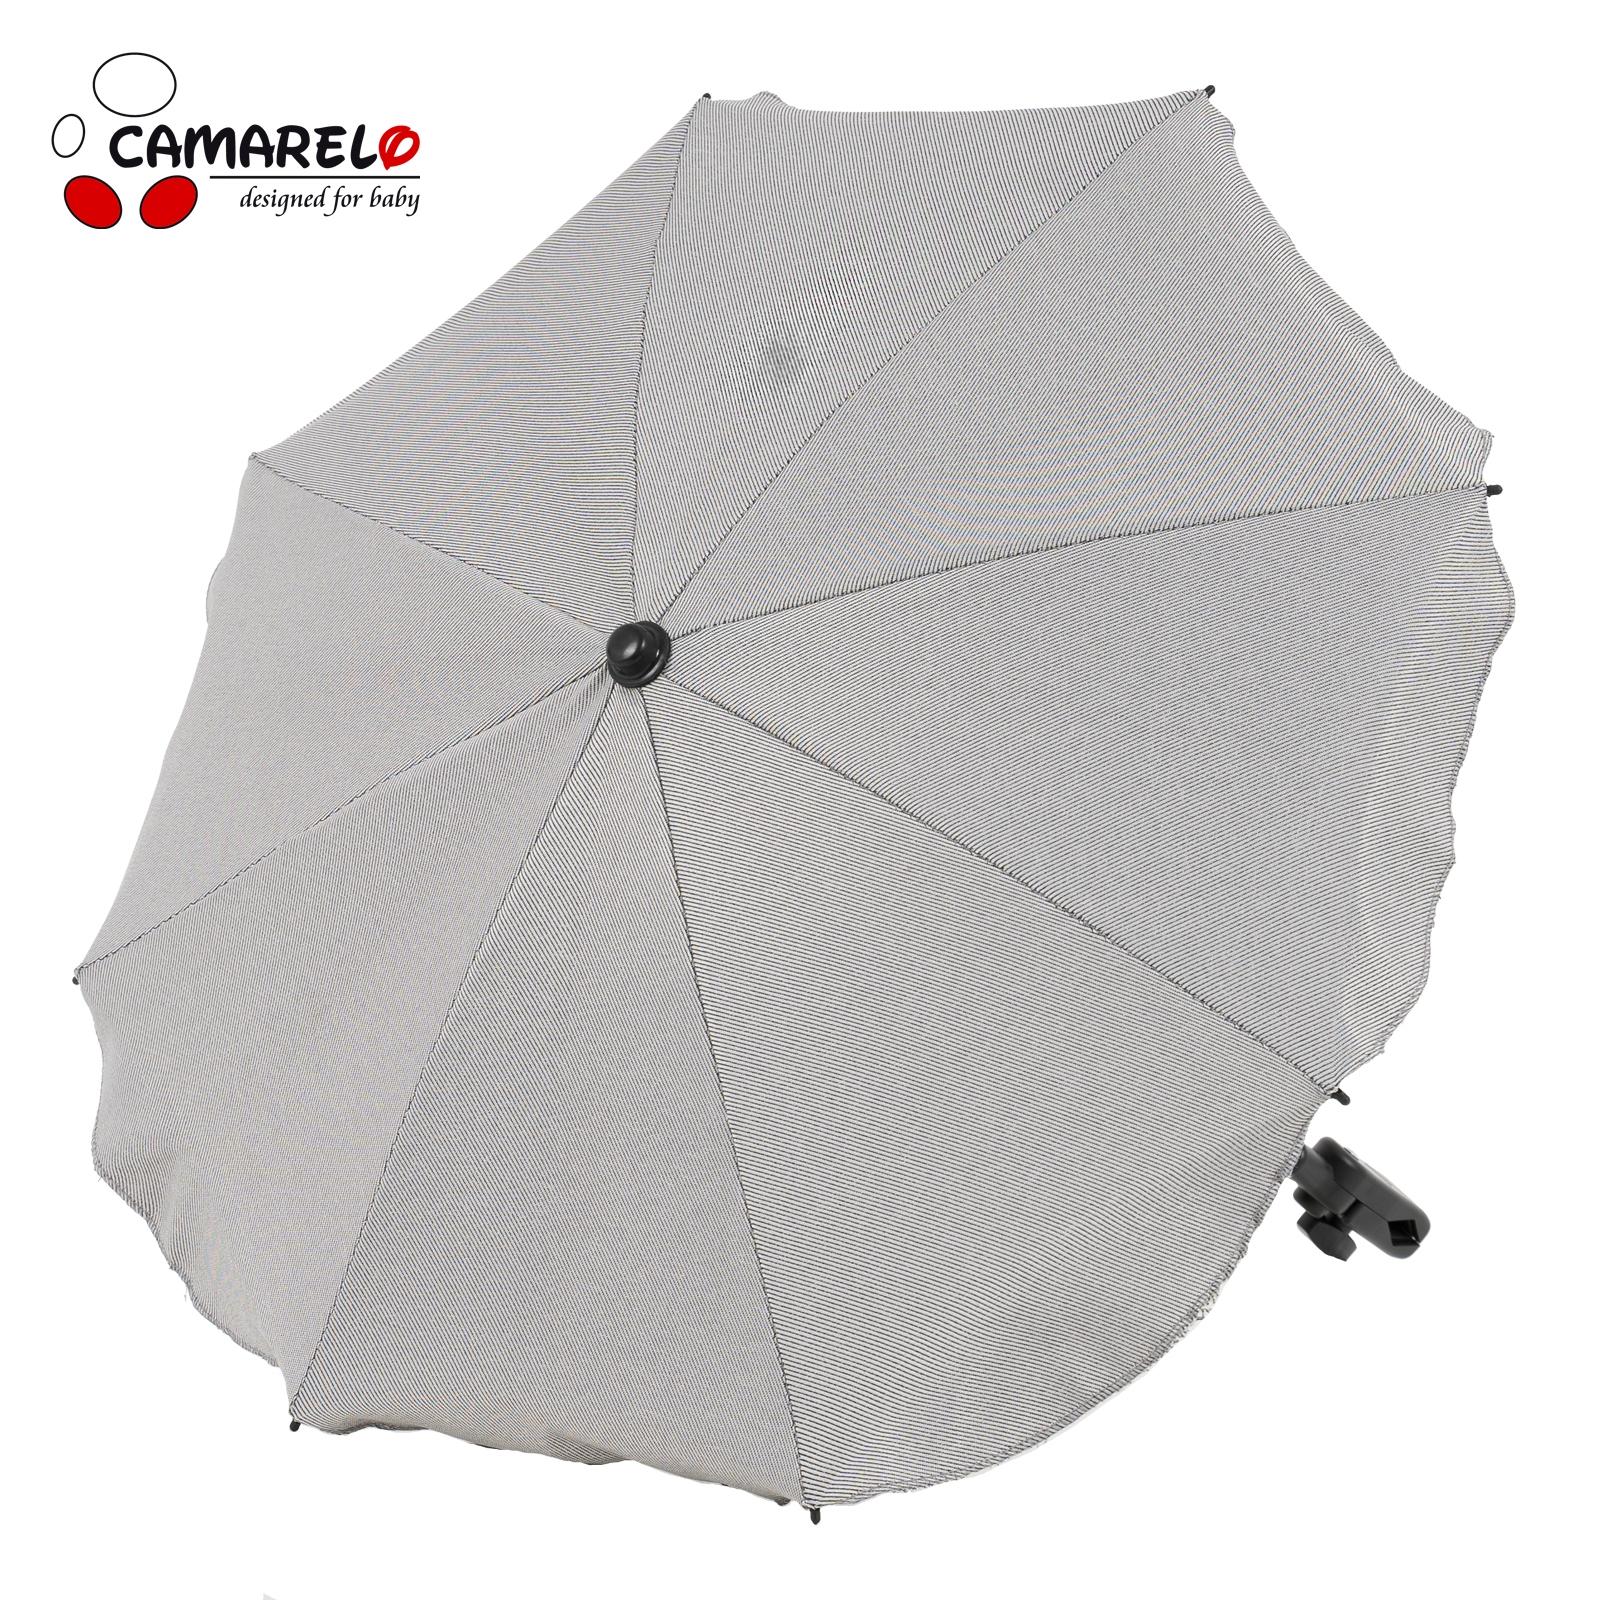 Umbrela Carucior Camarelo Gri Deschis imagine